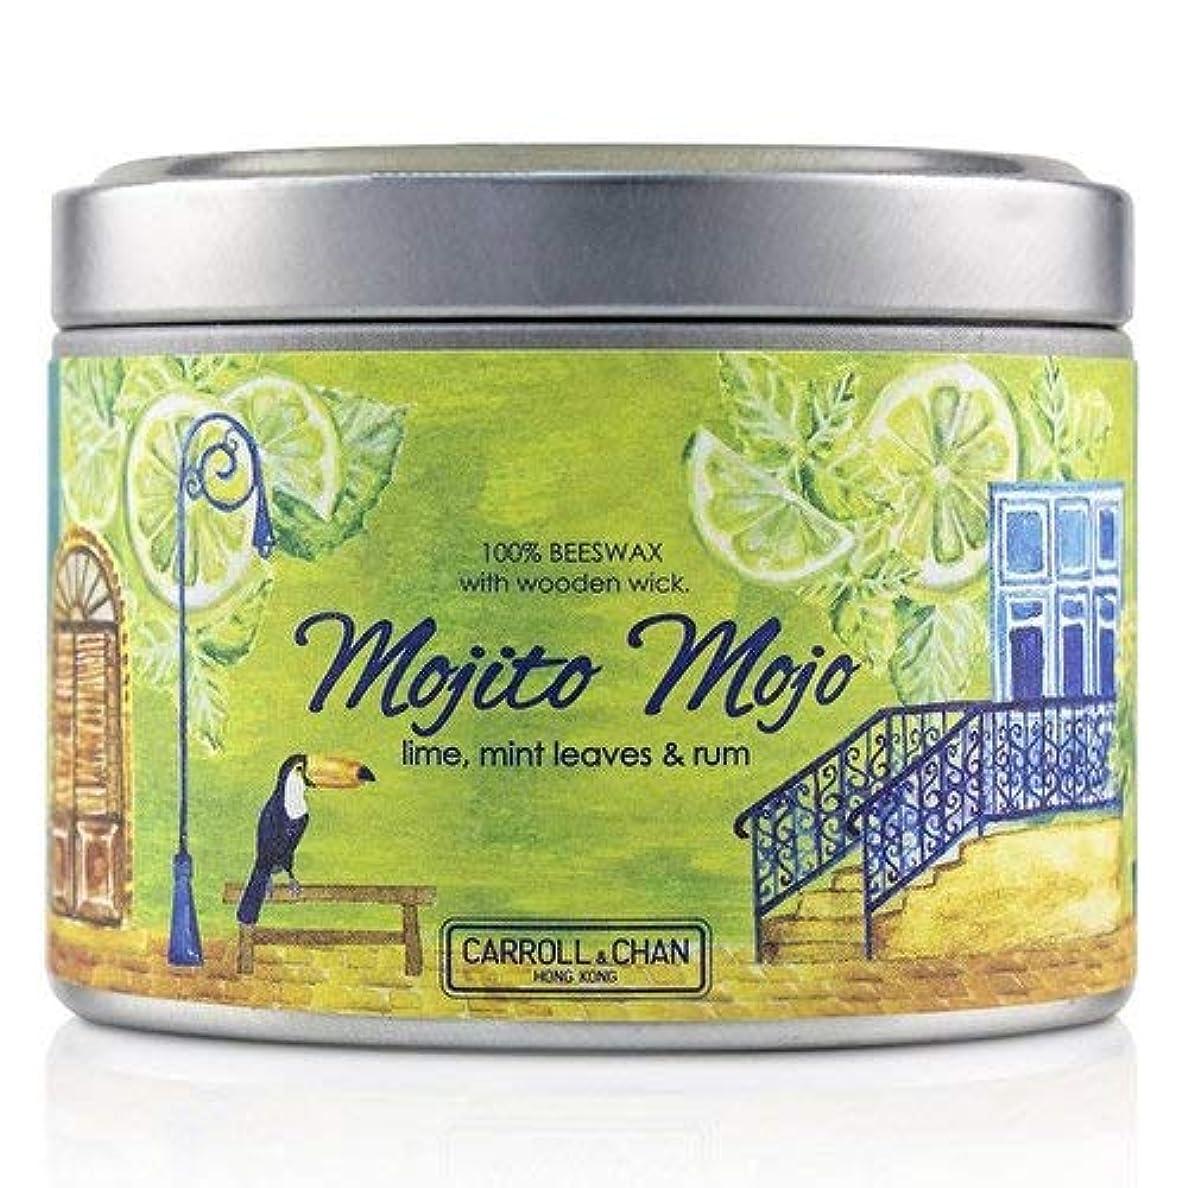 ファントム取り替えるナビゲーションキャンドル?カンパニー Tin Can 100% Beeswax Candle with Wooden Wick - Mojito Mojo (8x5) cm並行輸入品